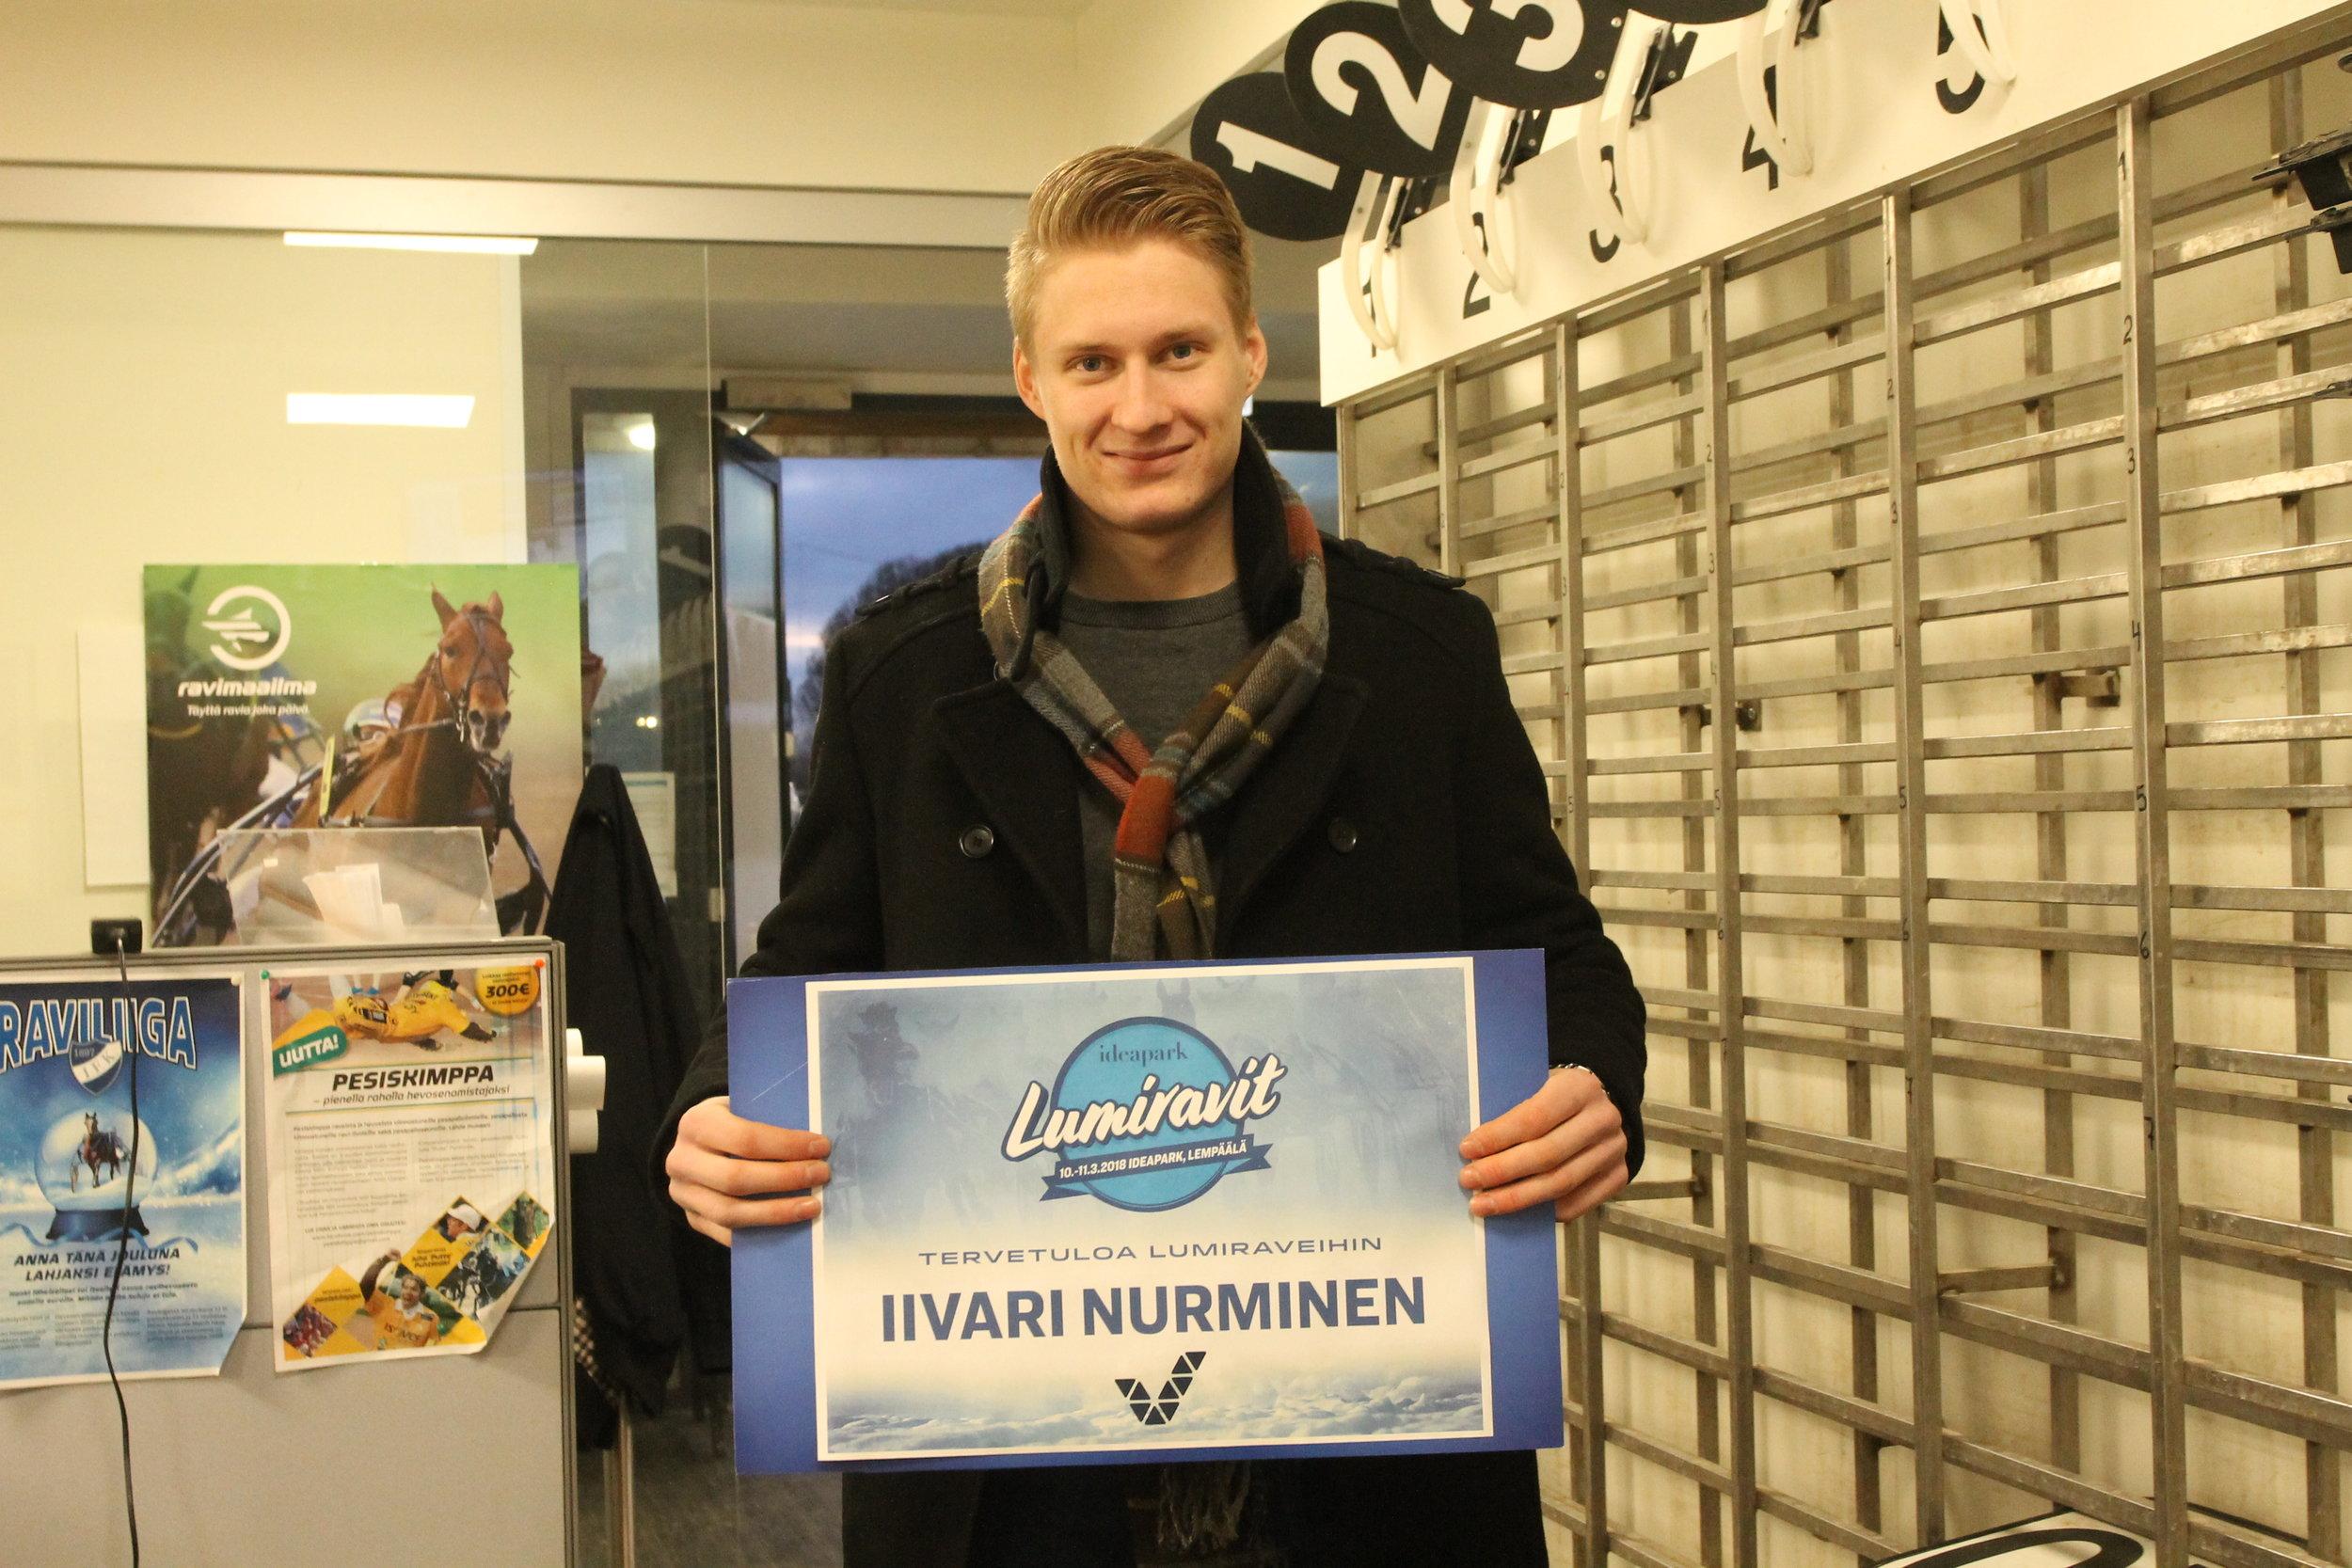 Iivari Nurminen